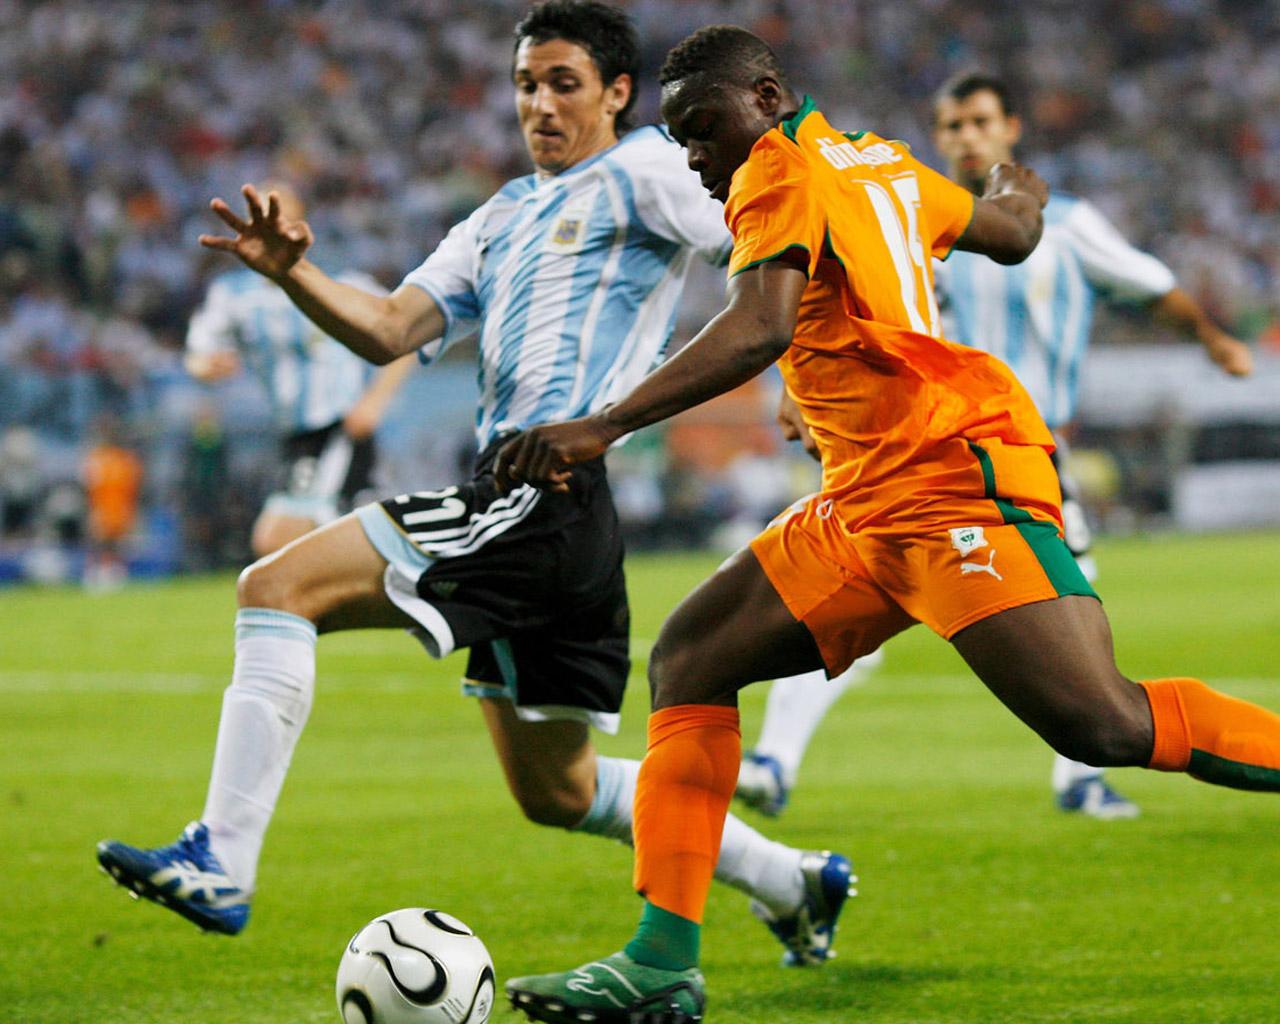 2006 world cup twins brighteyes69r 4